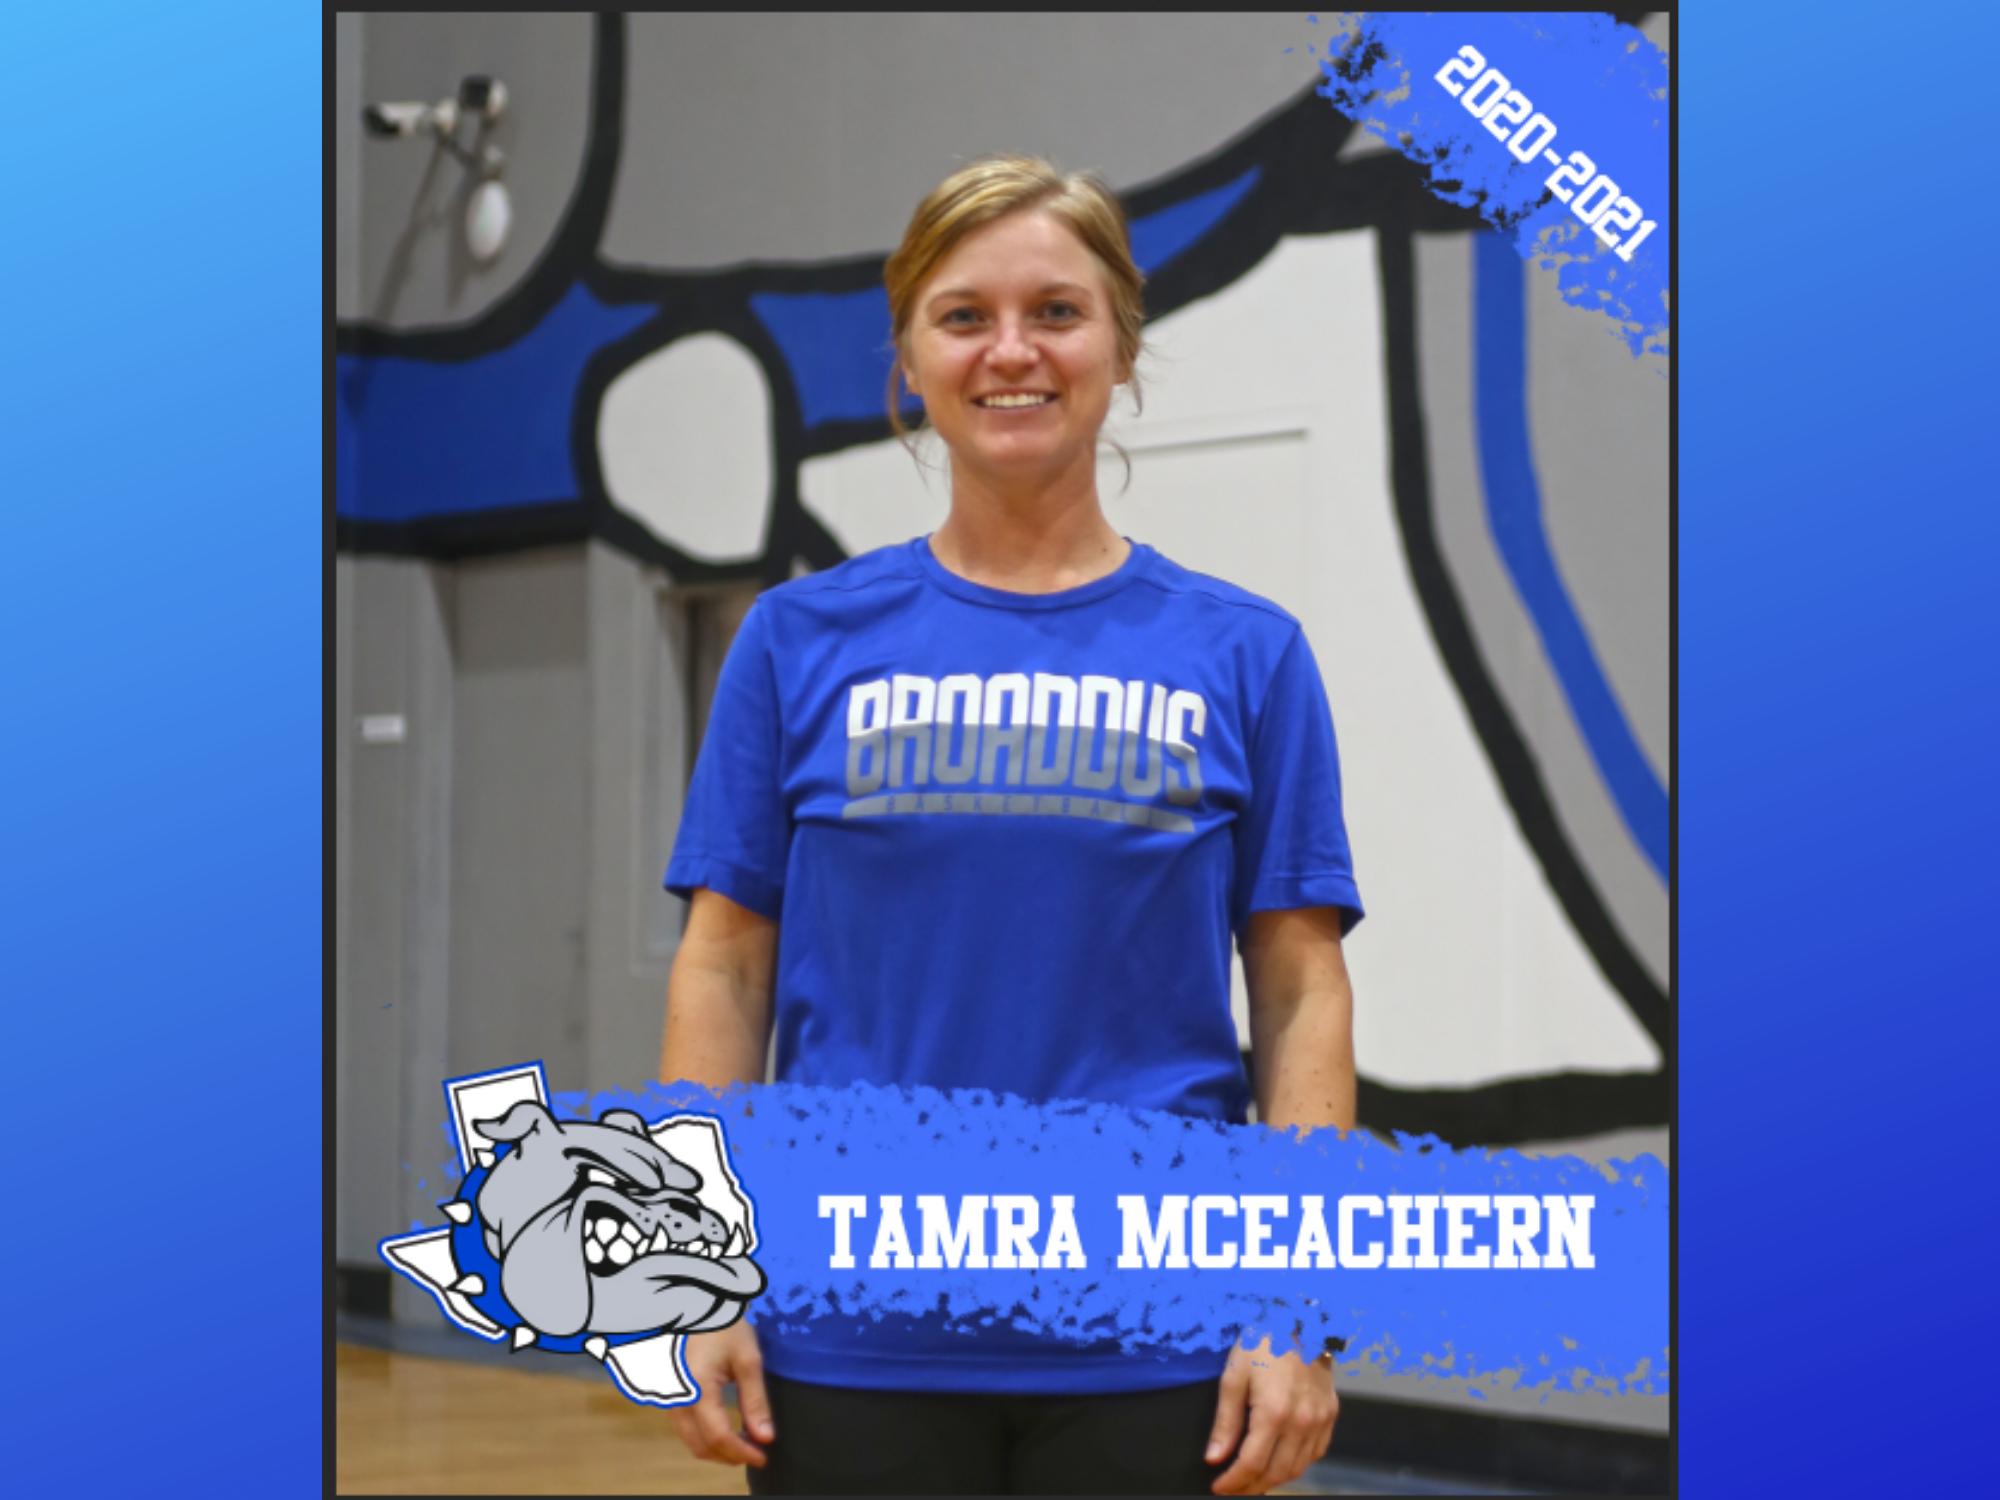 Coach McEachern